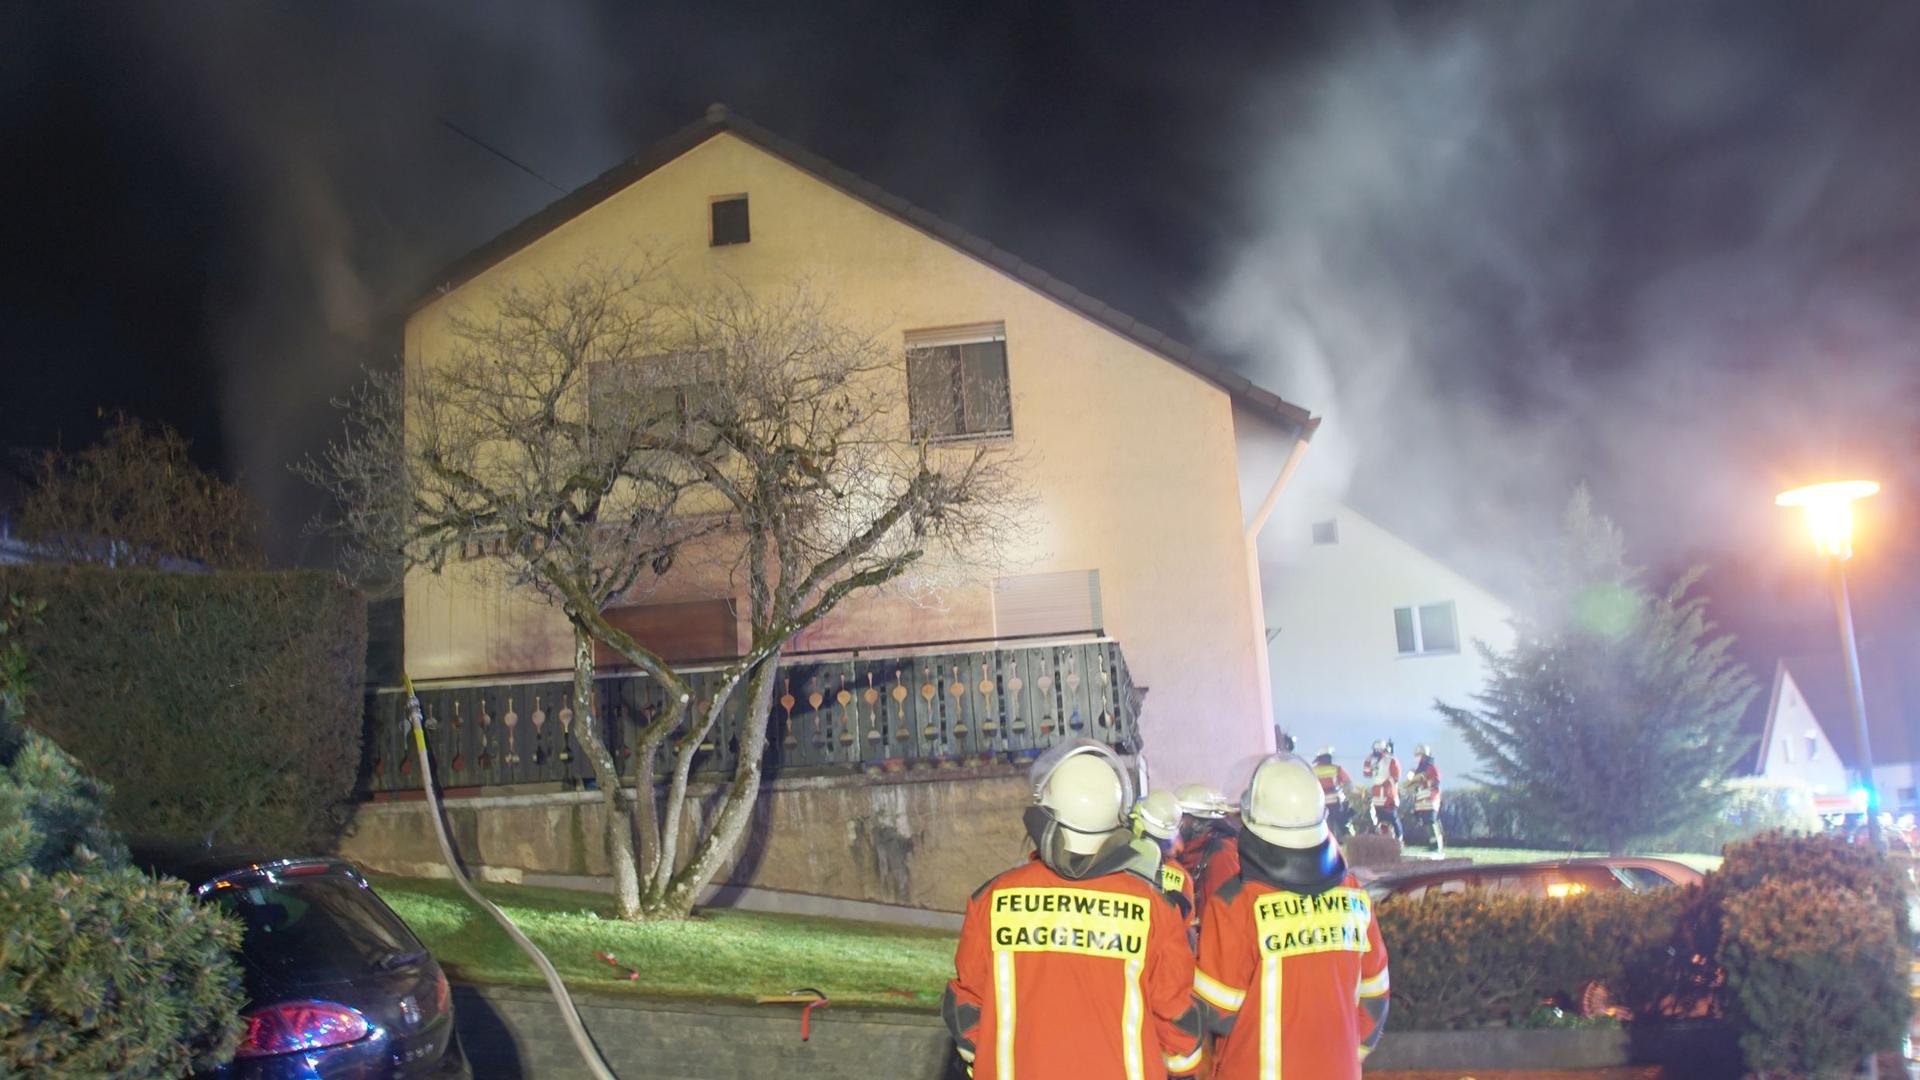 Am Samstagmorgen ist ein Wohngebäude in Gaggenau-Michelbach ausgebrannt und unbewohnbar.